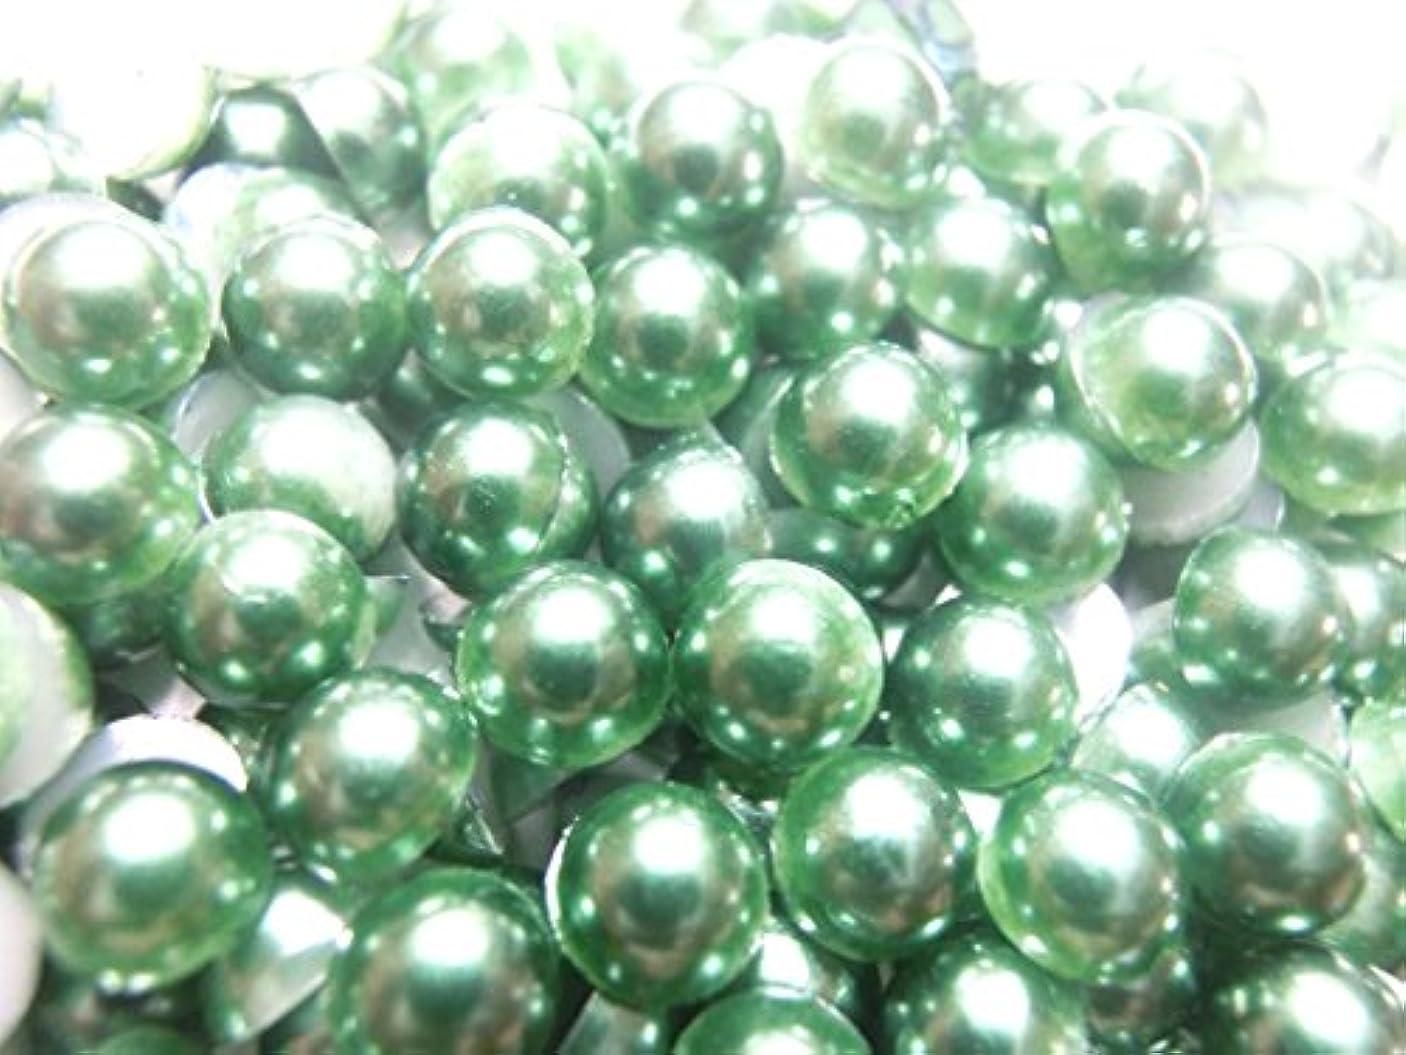 指導する追い越す春【ラインストーン77】超高級 パールストーン 各サイズ選択可能 2mm~8mm 緑 (3mm (約300粒))